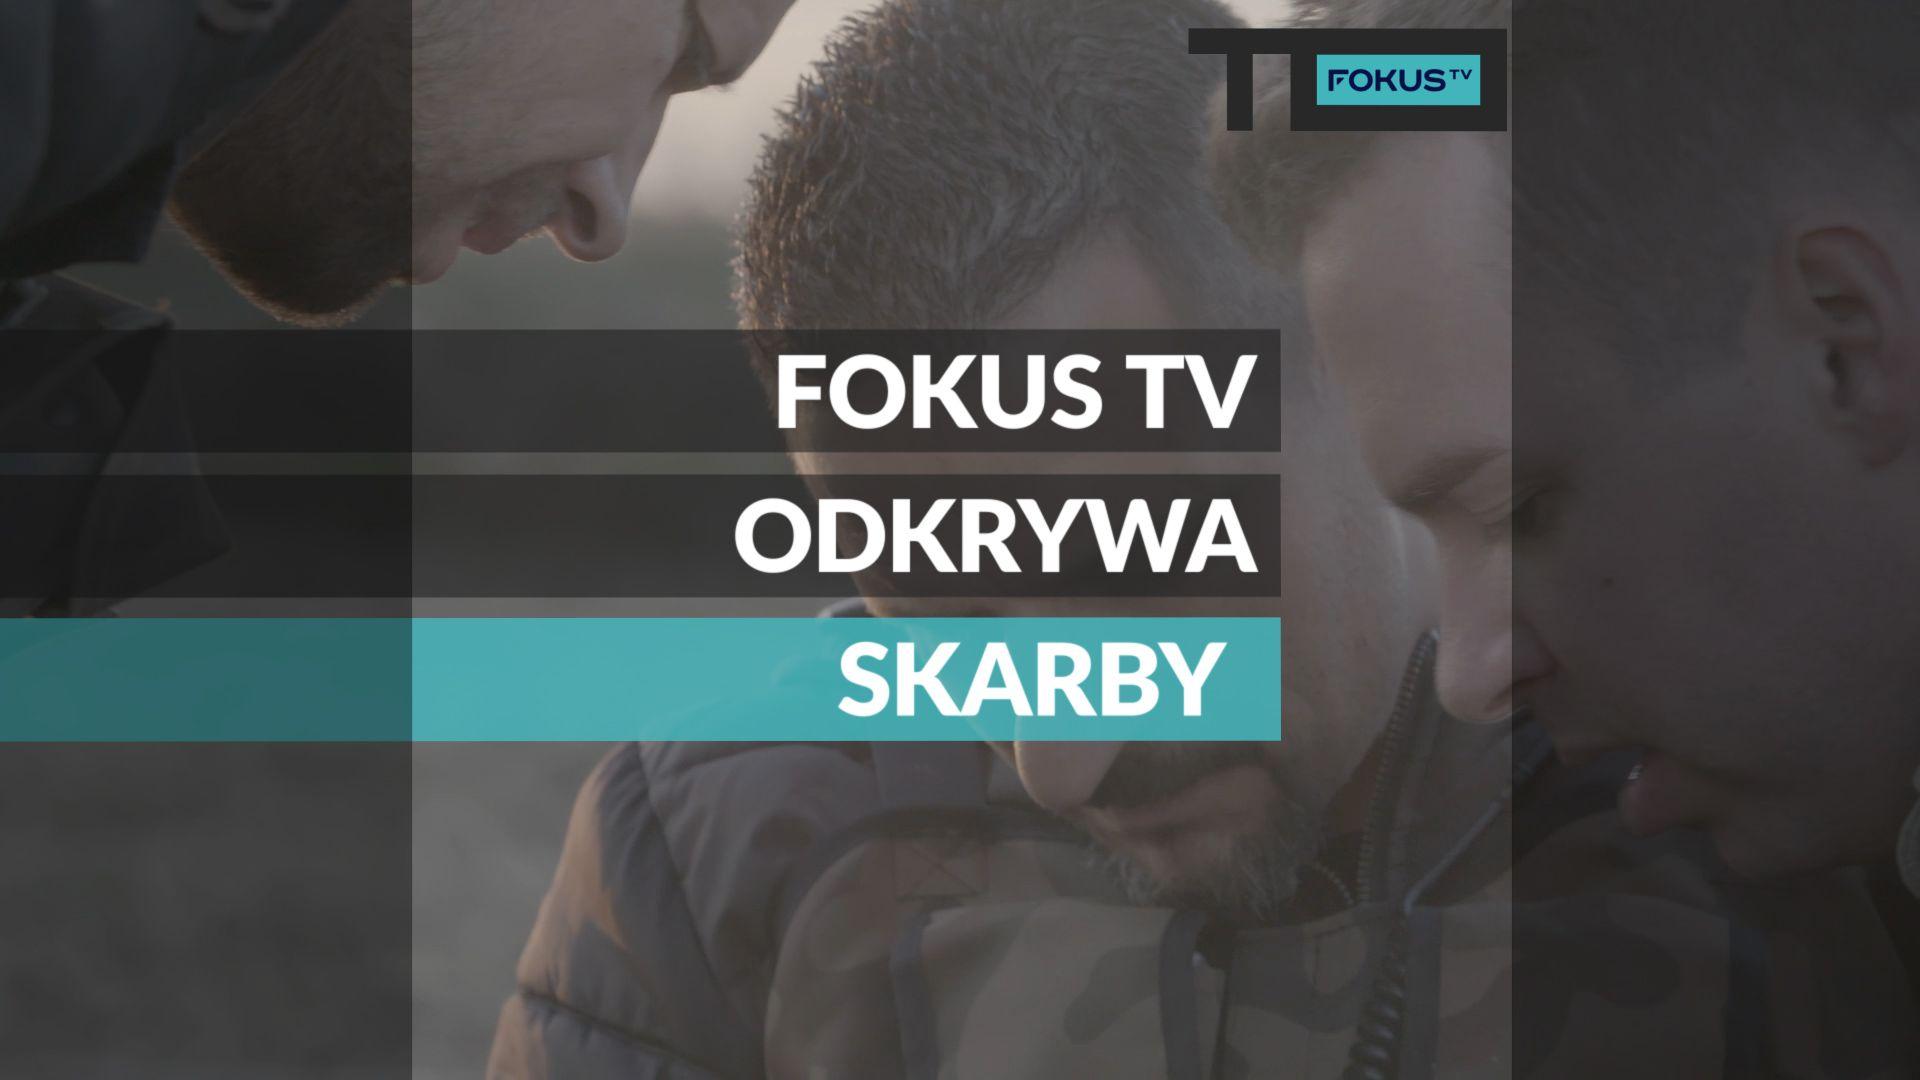 TO WIDEO. FOKUS TV ODKRYWA SKARBY